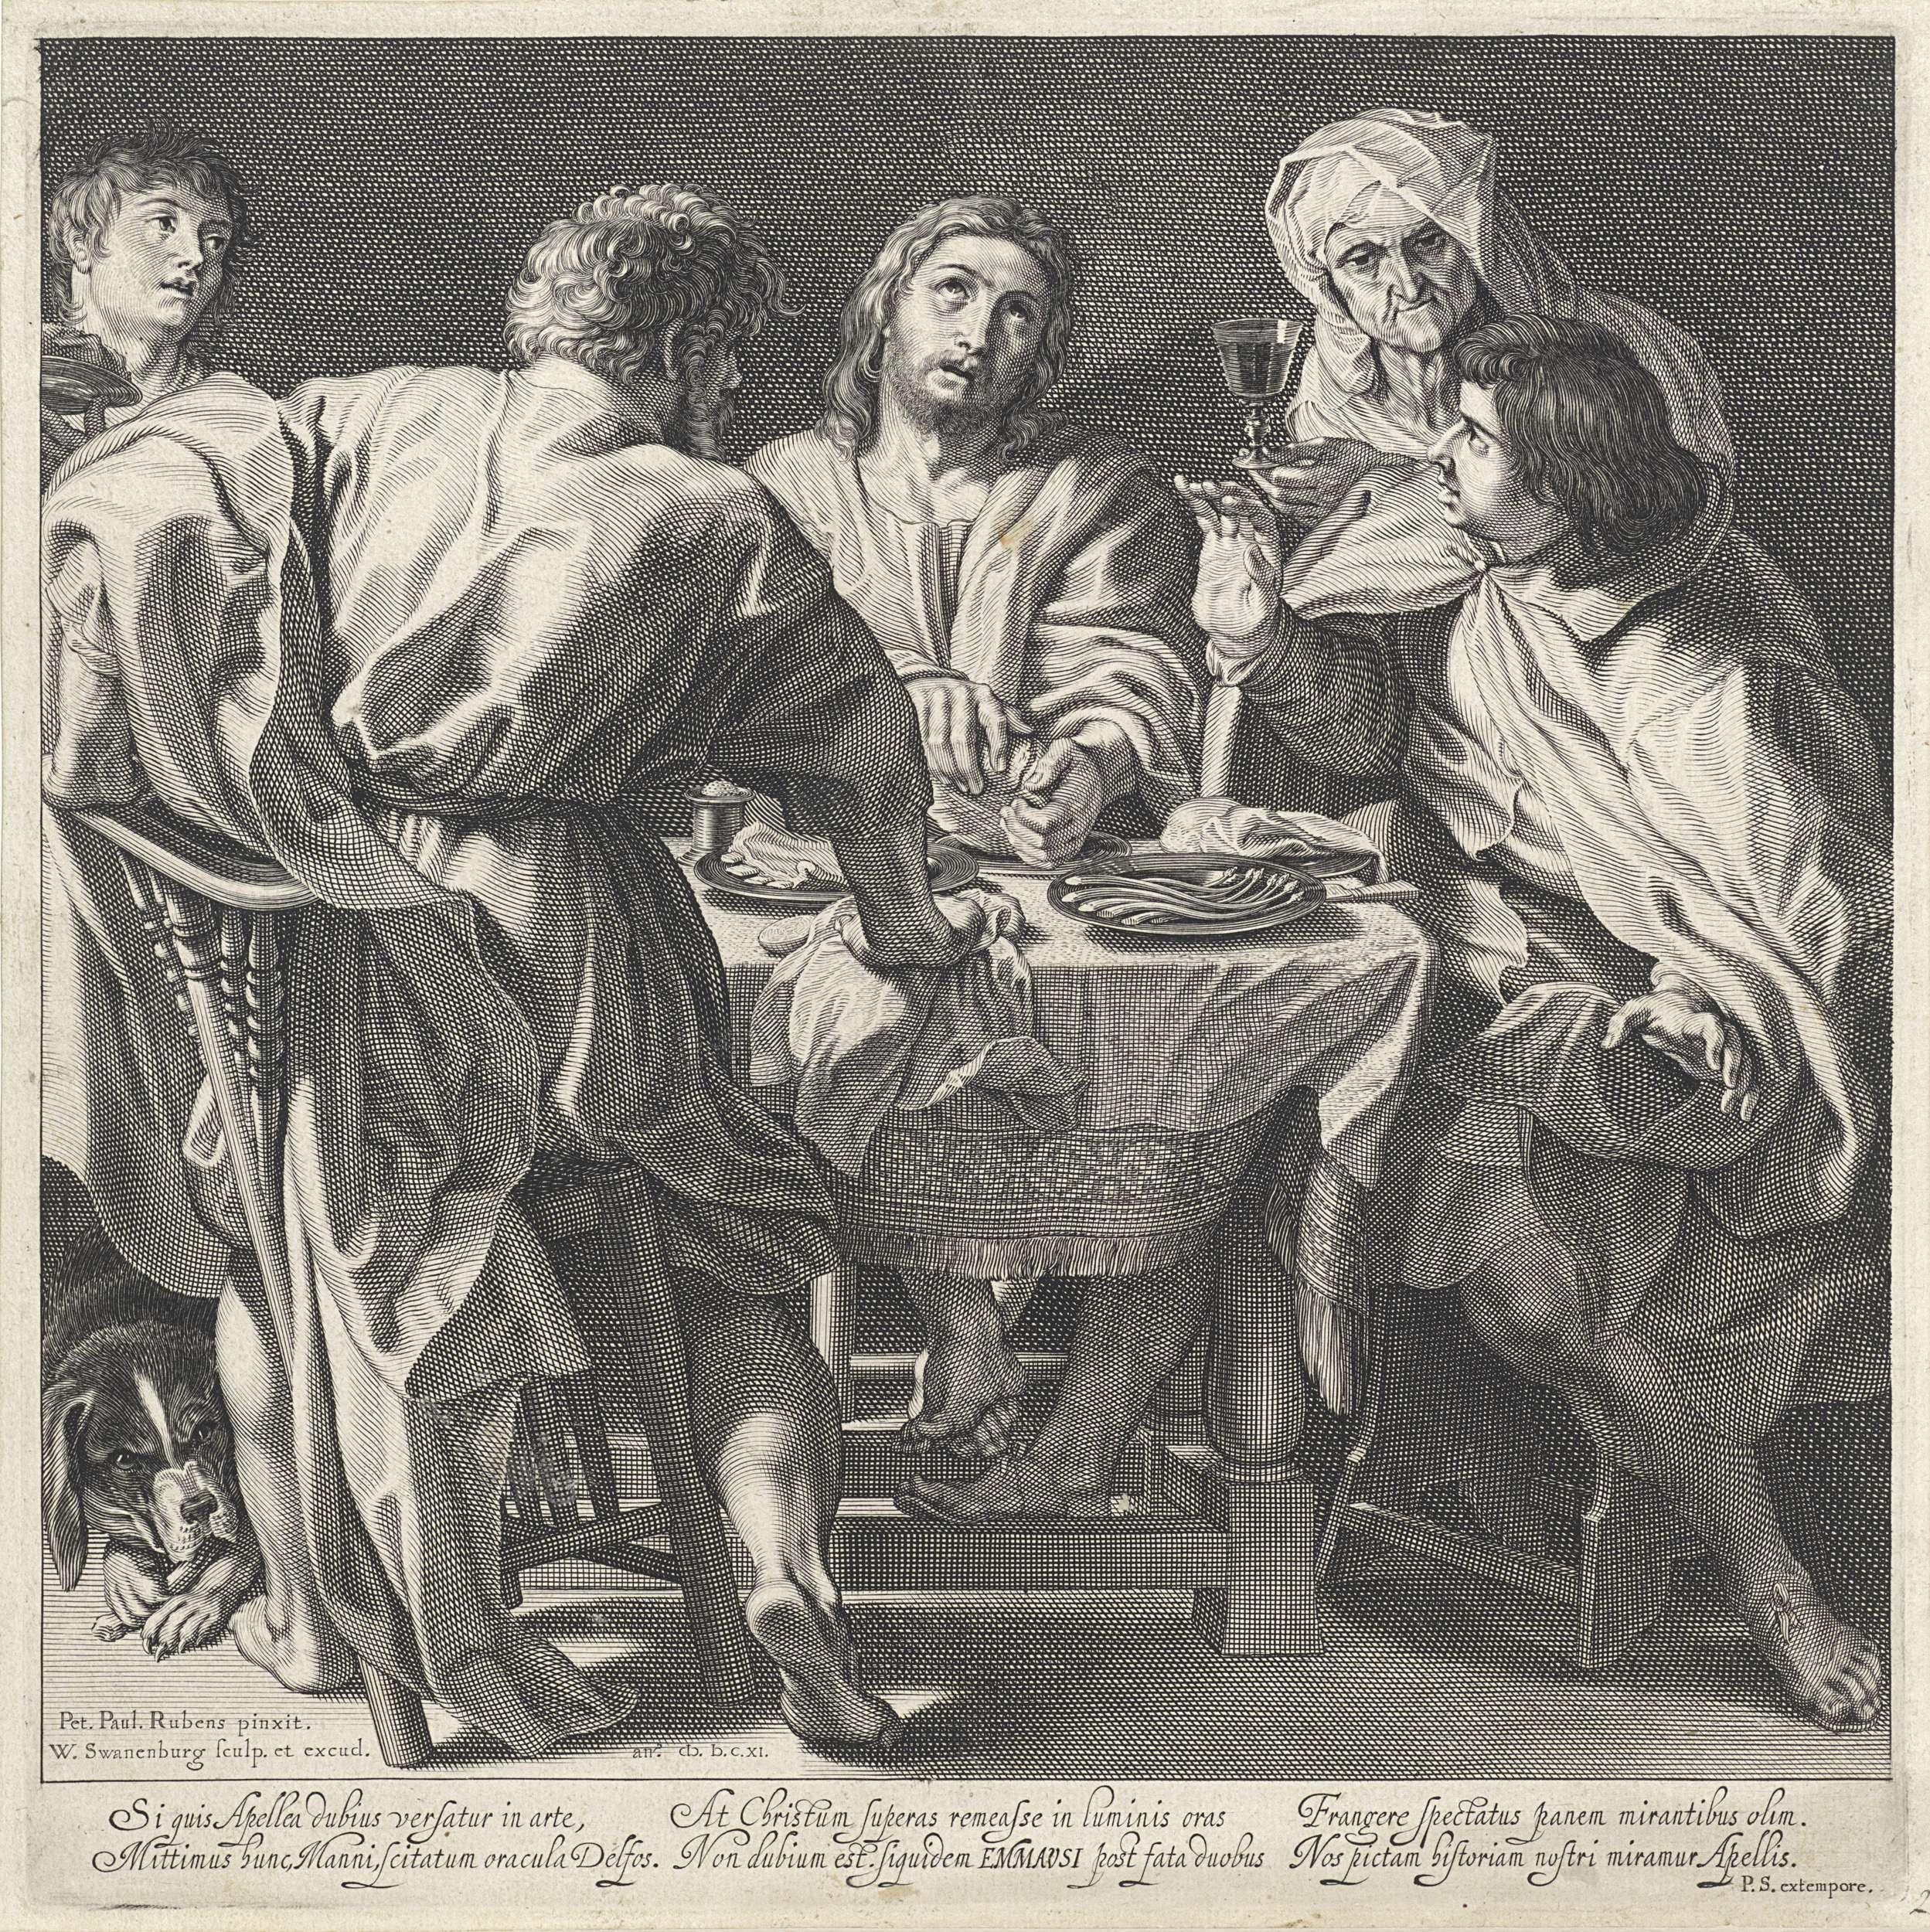 Willem Isaacsz. van Swanenburg   Maaltijd in Emmaüs, Willem Isaacsz. van Swanenburg, Petrus Scriverius, 1611   Christus zit met zijn leerlingen aan tafel. Hij zegent en breekt het brood, waardoor zijn leerlingen hem herkennen. Rechts geeft een vrouw een glas wijn aan en onder de tafel ligt een hond. Onder de voorstelling bevindt zich een zesregelige, Latijnse tekst met een beschrijving van de scène en een lofdicht op Rubens, waarin hij met Apelles wordt vergeleken.